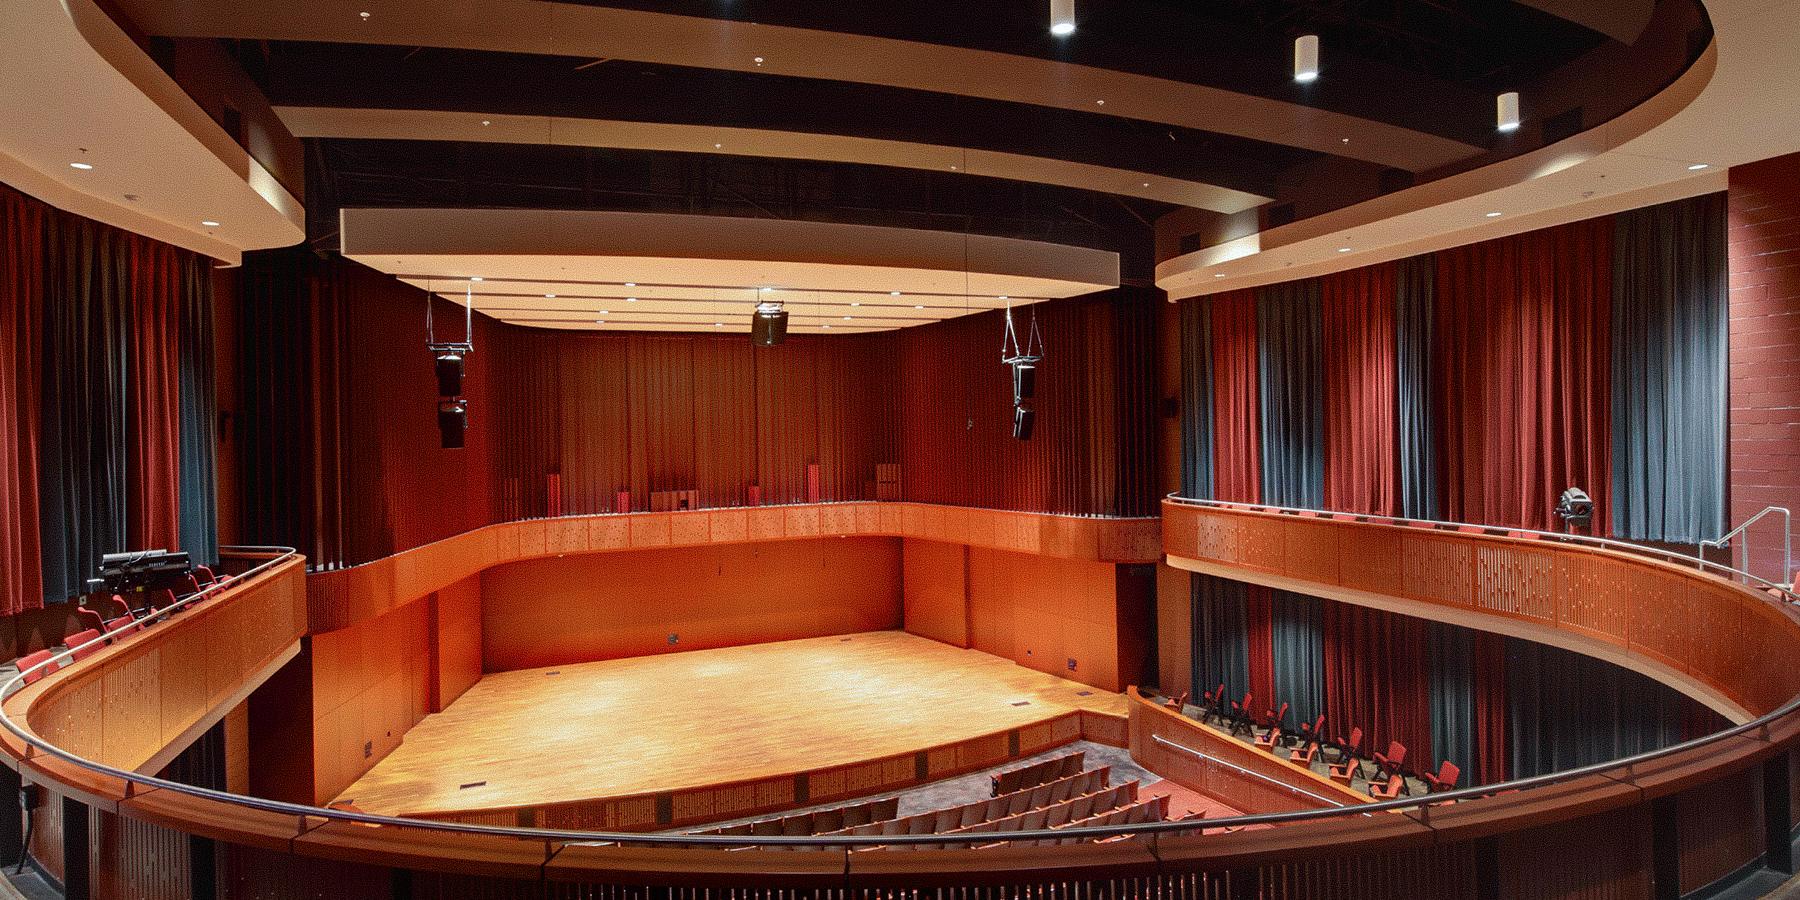 texas-am-music-center-infinity-soiund-01.jpg